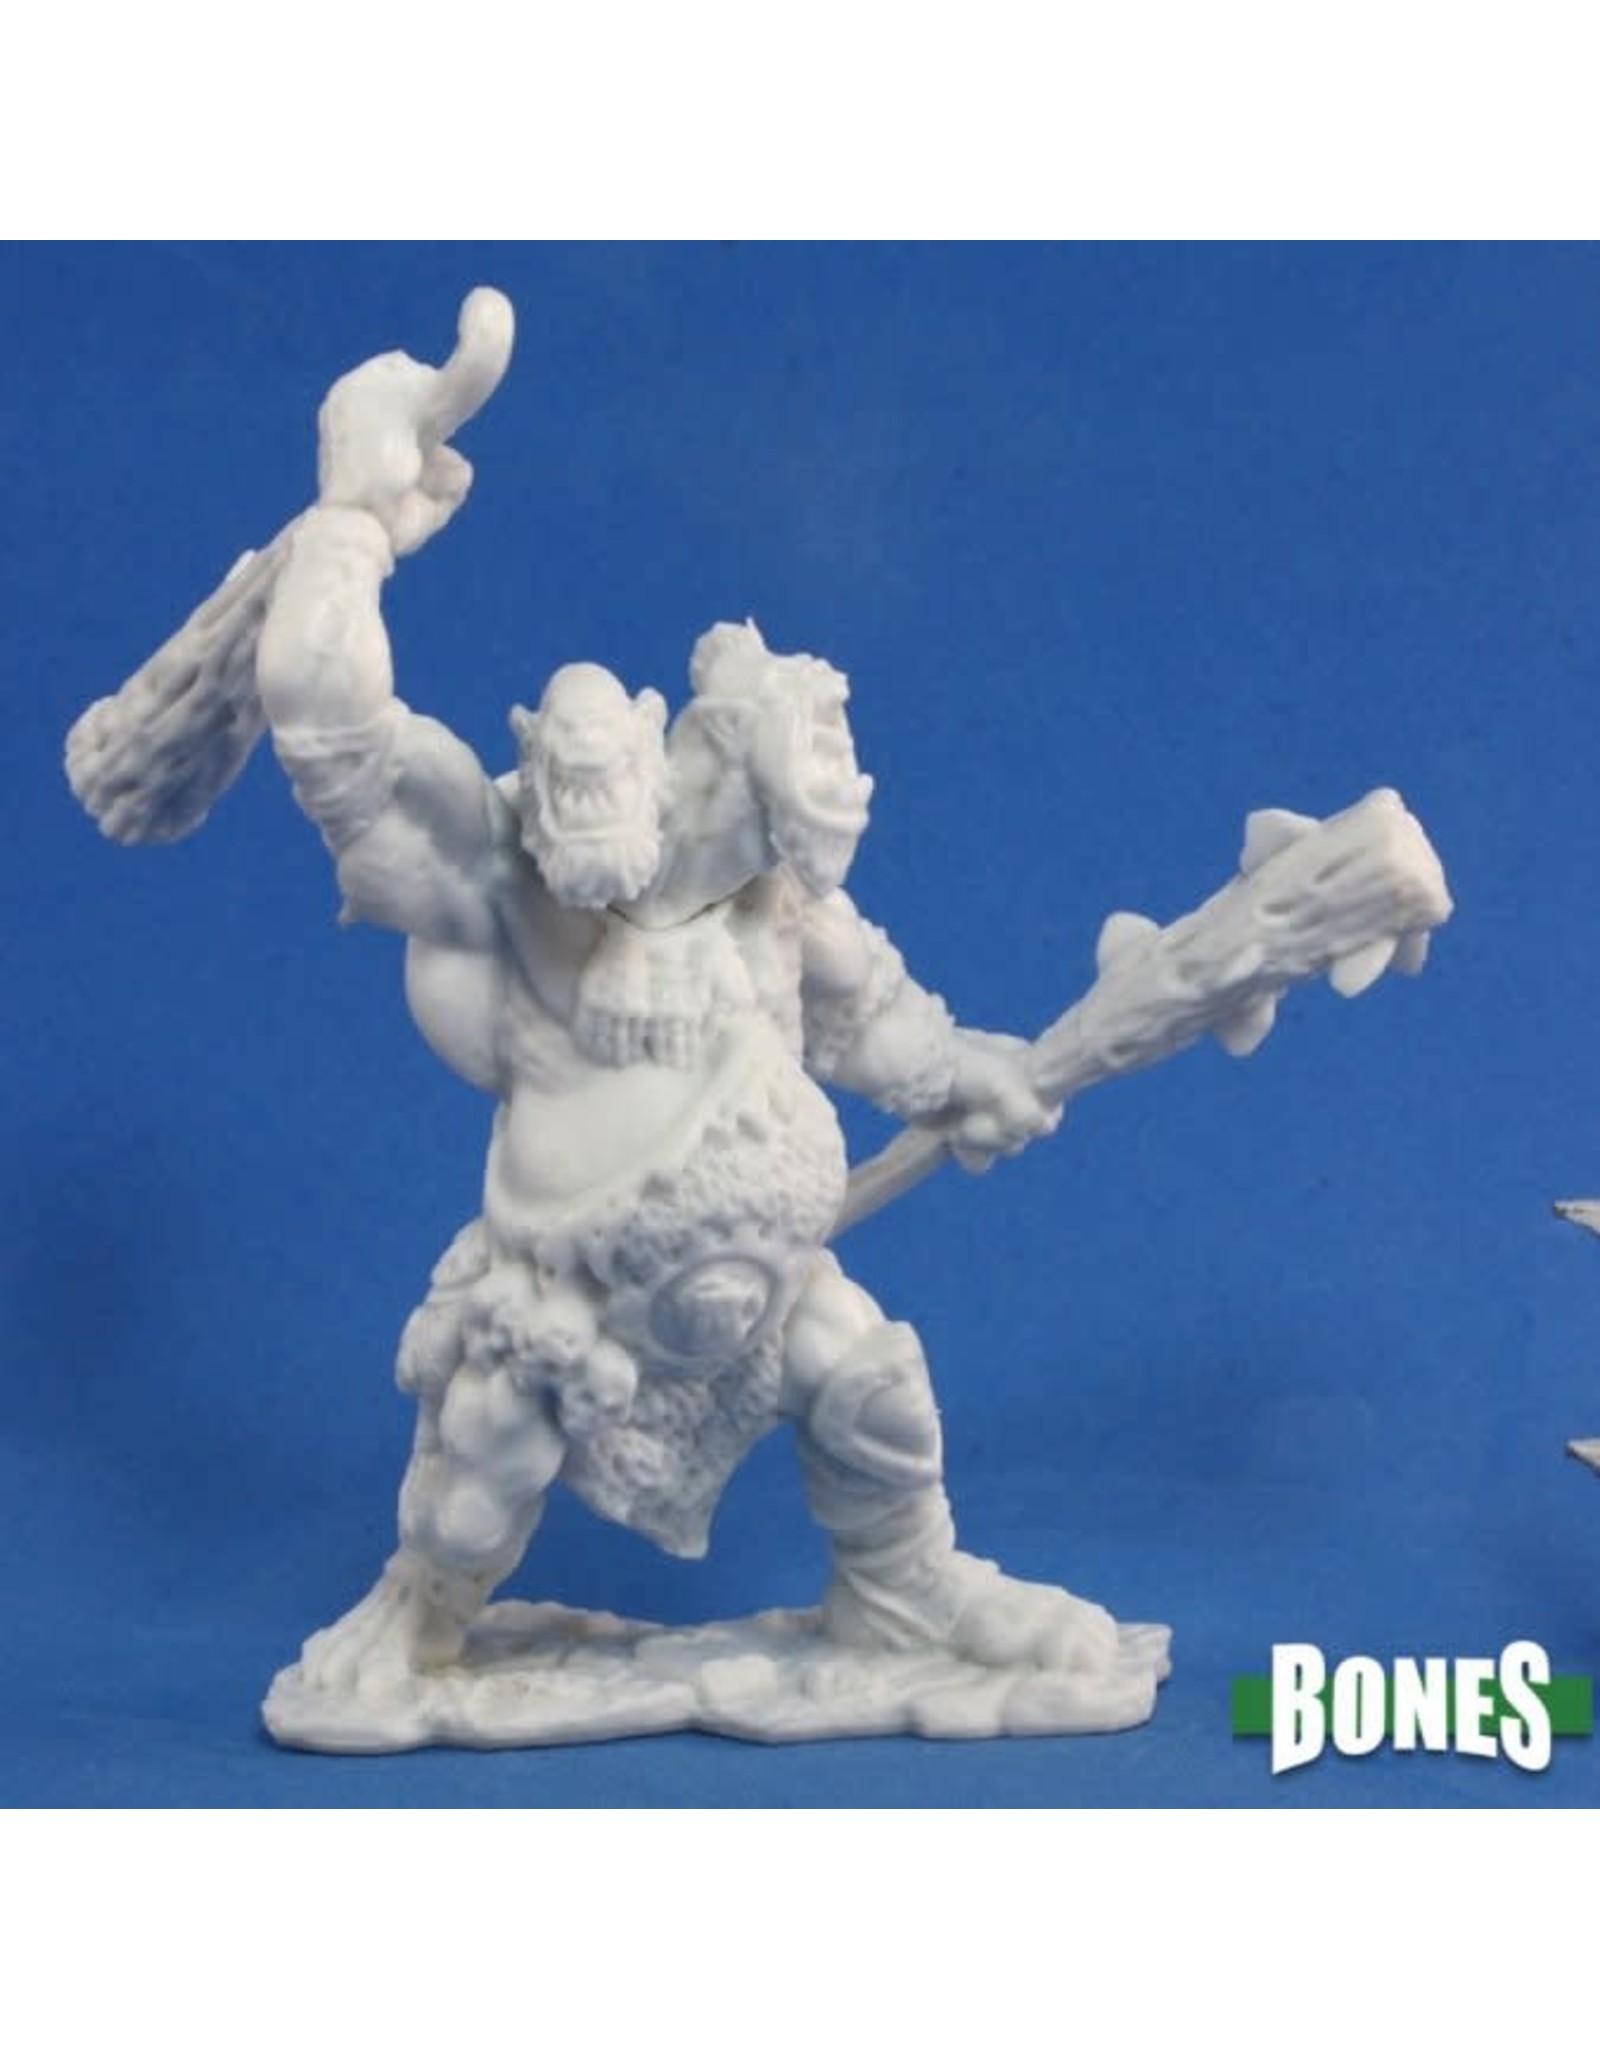 Reaper Bones: NorOkk Ettin